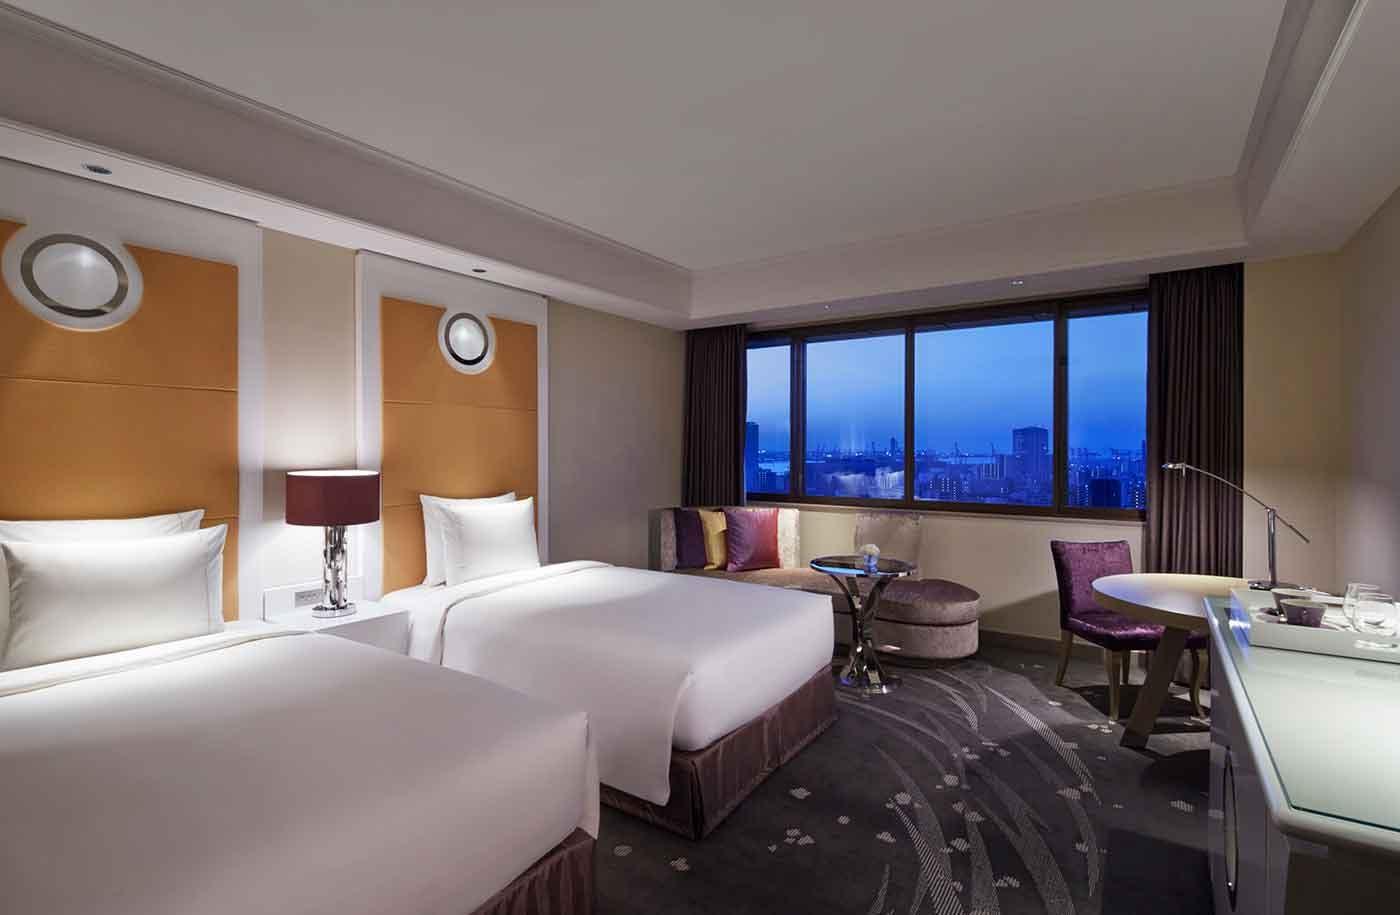 東京マリオットホテルのドッグフレンドリールーム